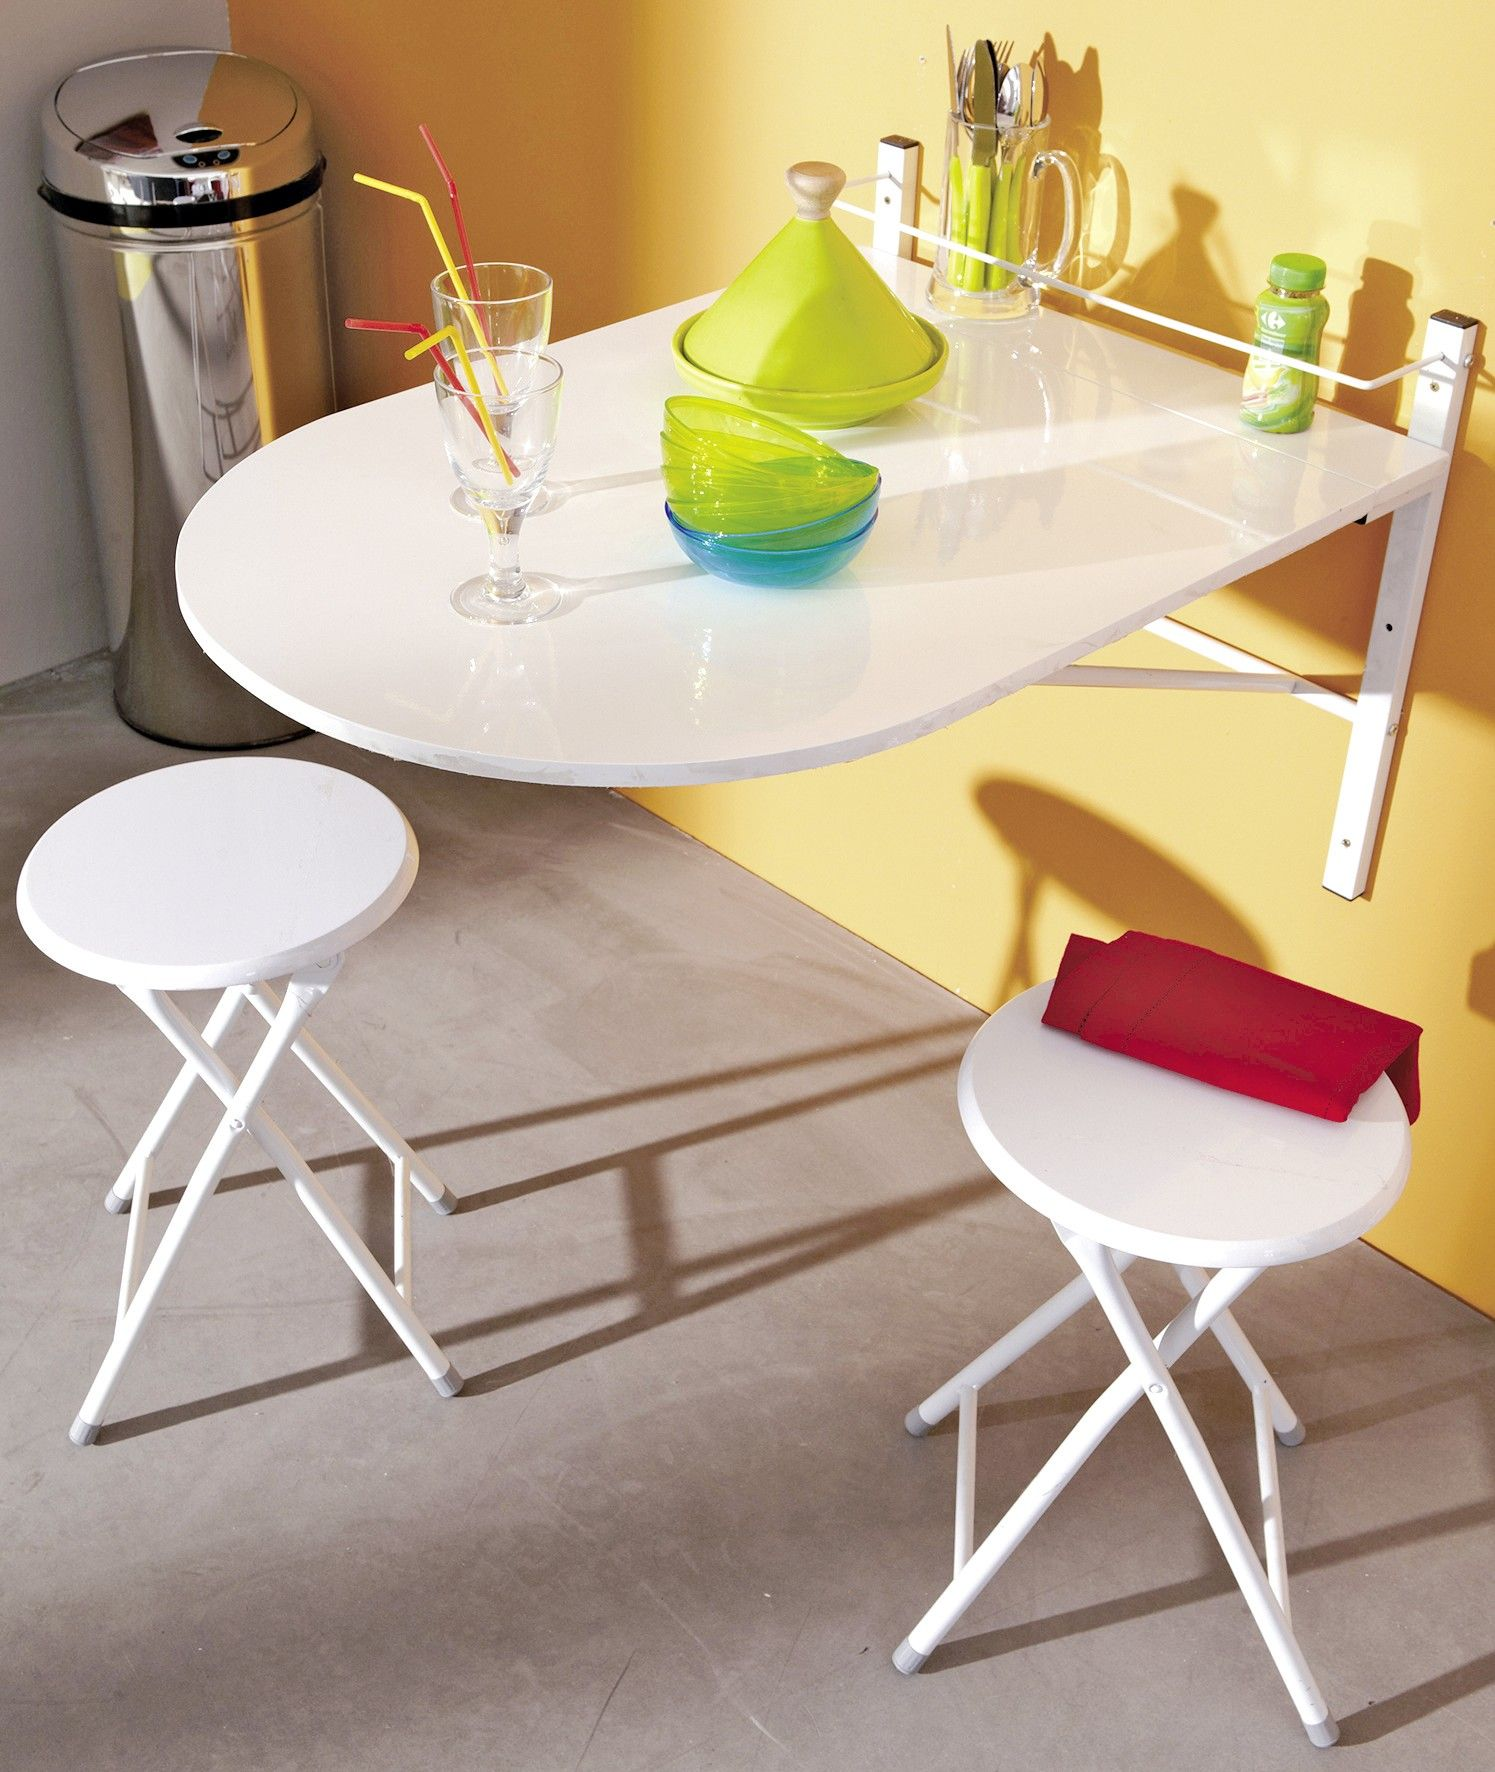 b6f462a3ab493e4915475833a6aa9eaa Impressionnant De Table Conforama Cuisine Concept